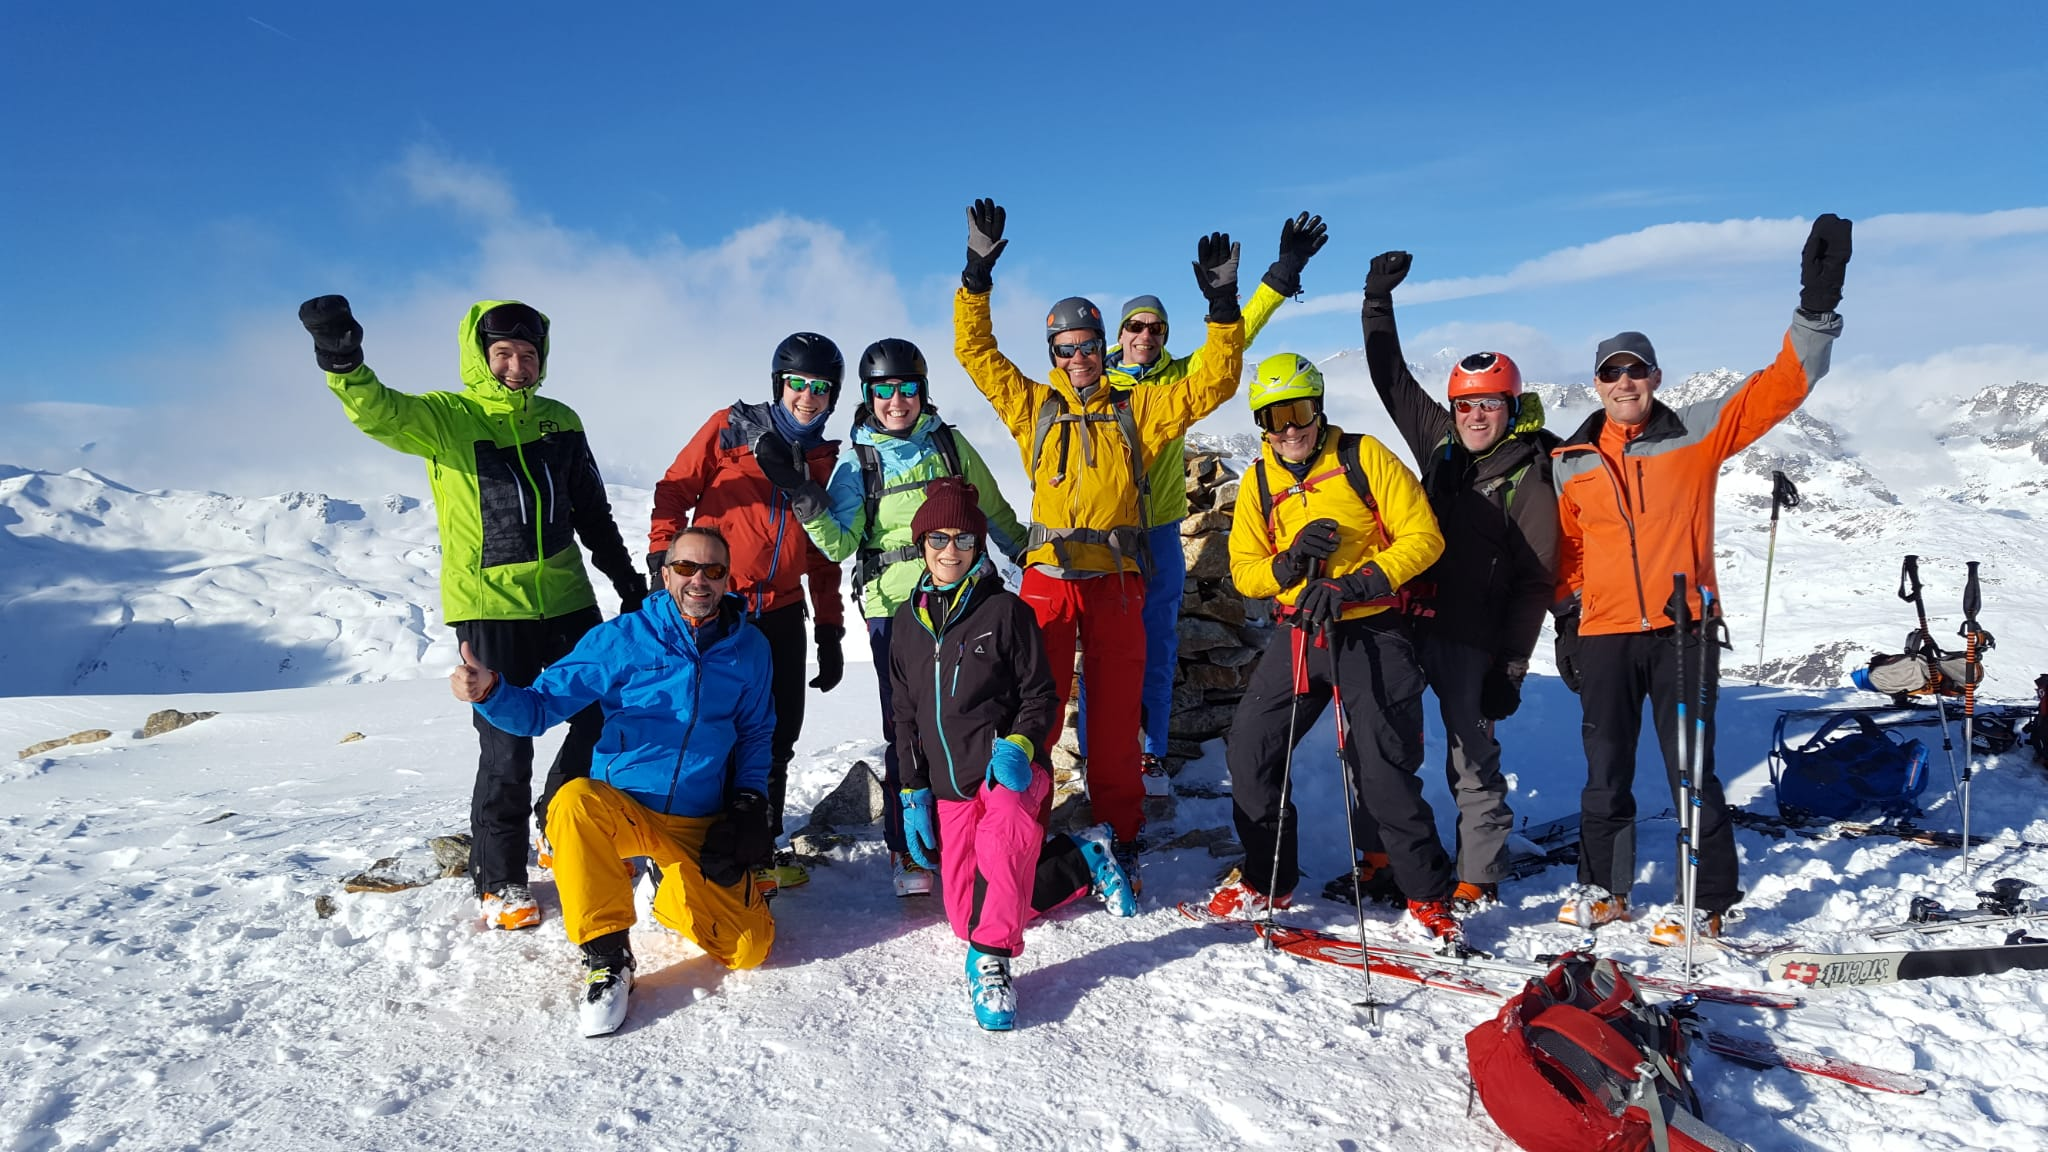 Tälligrat-Skitour